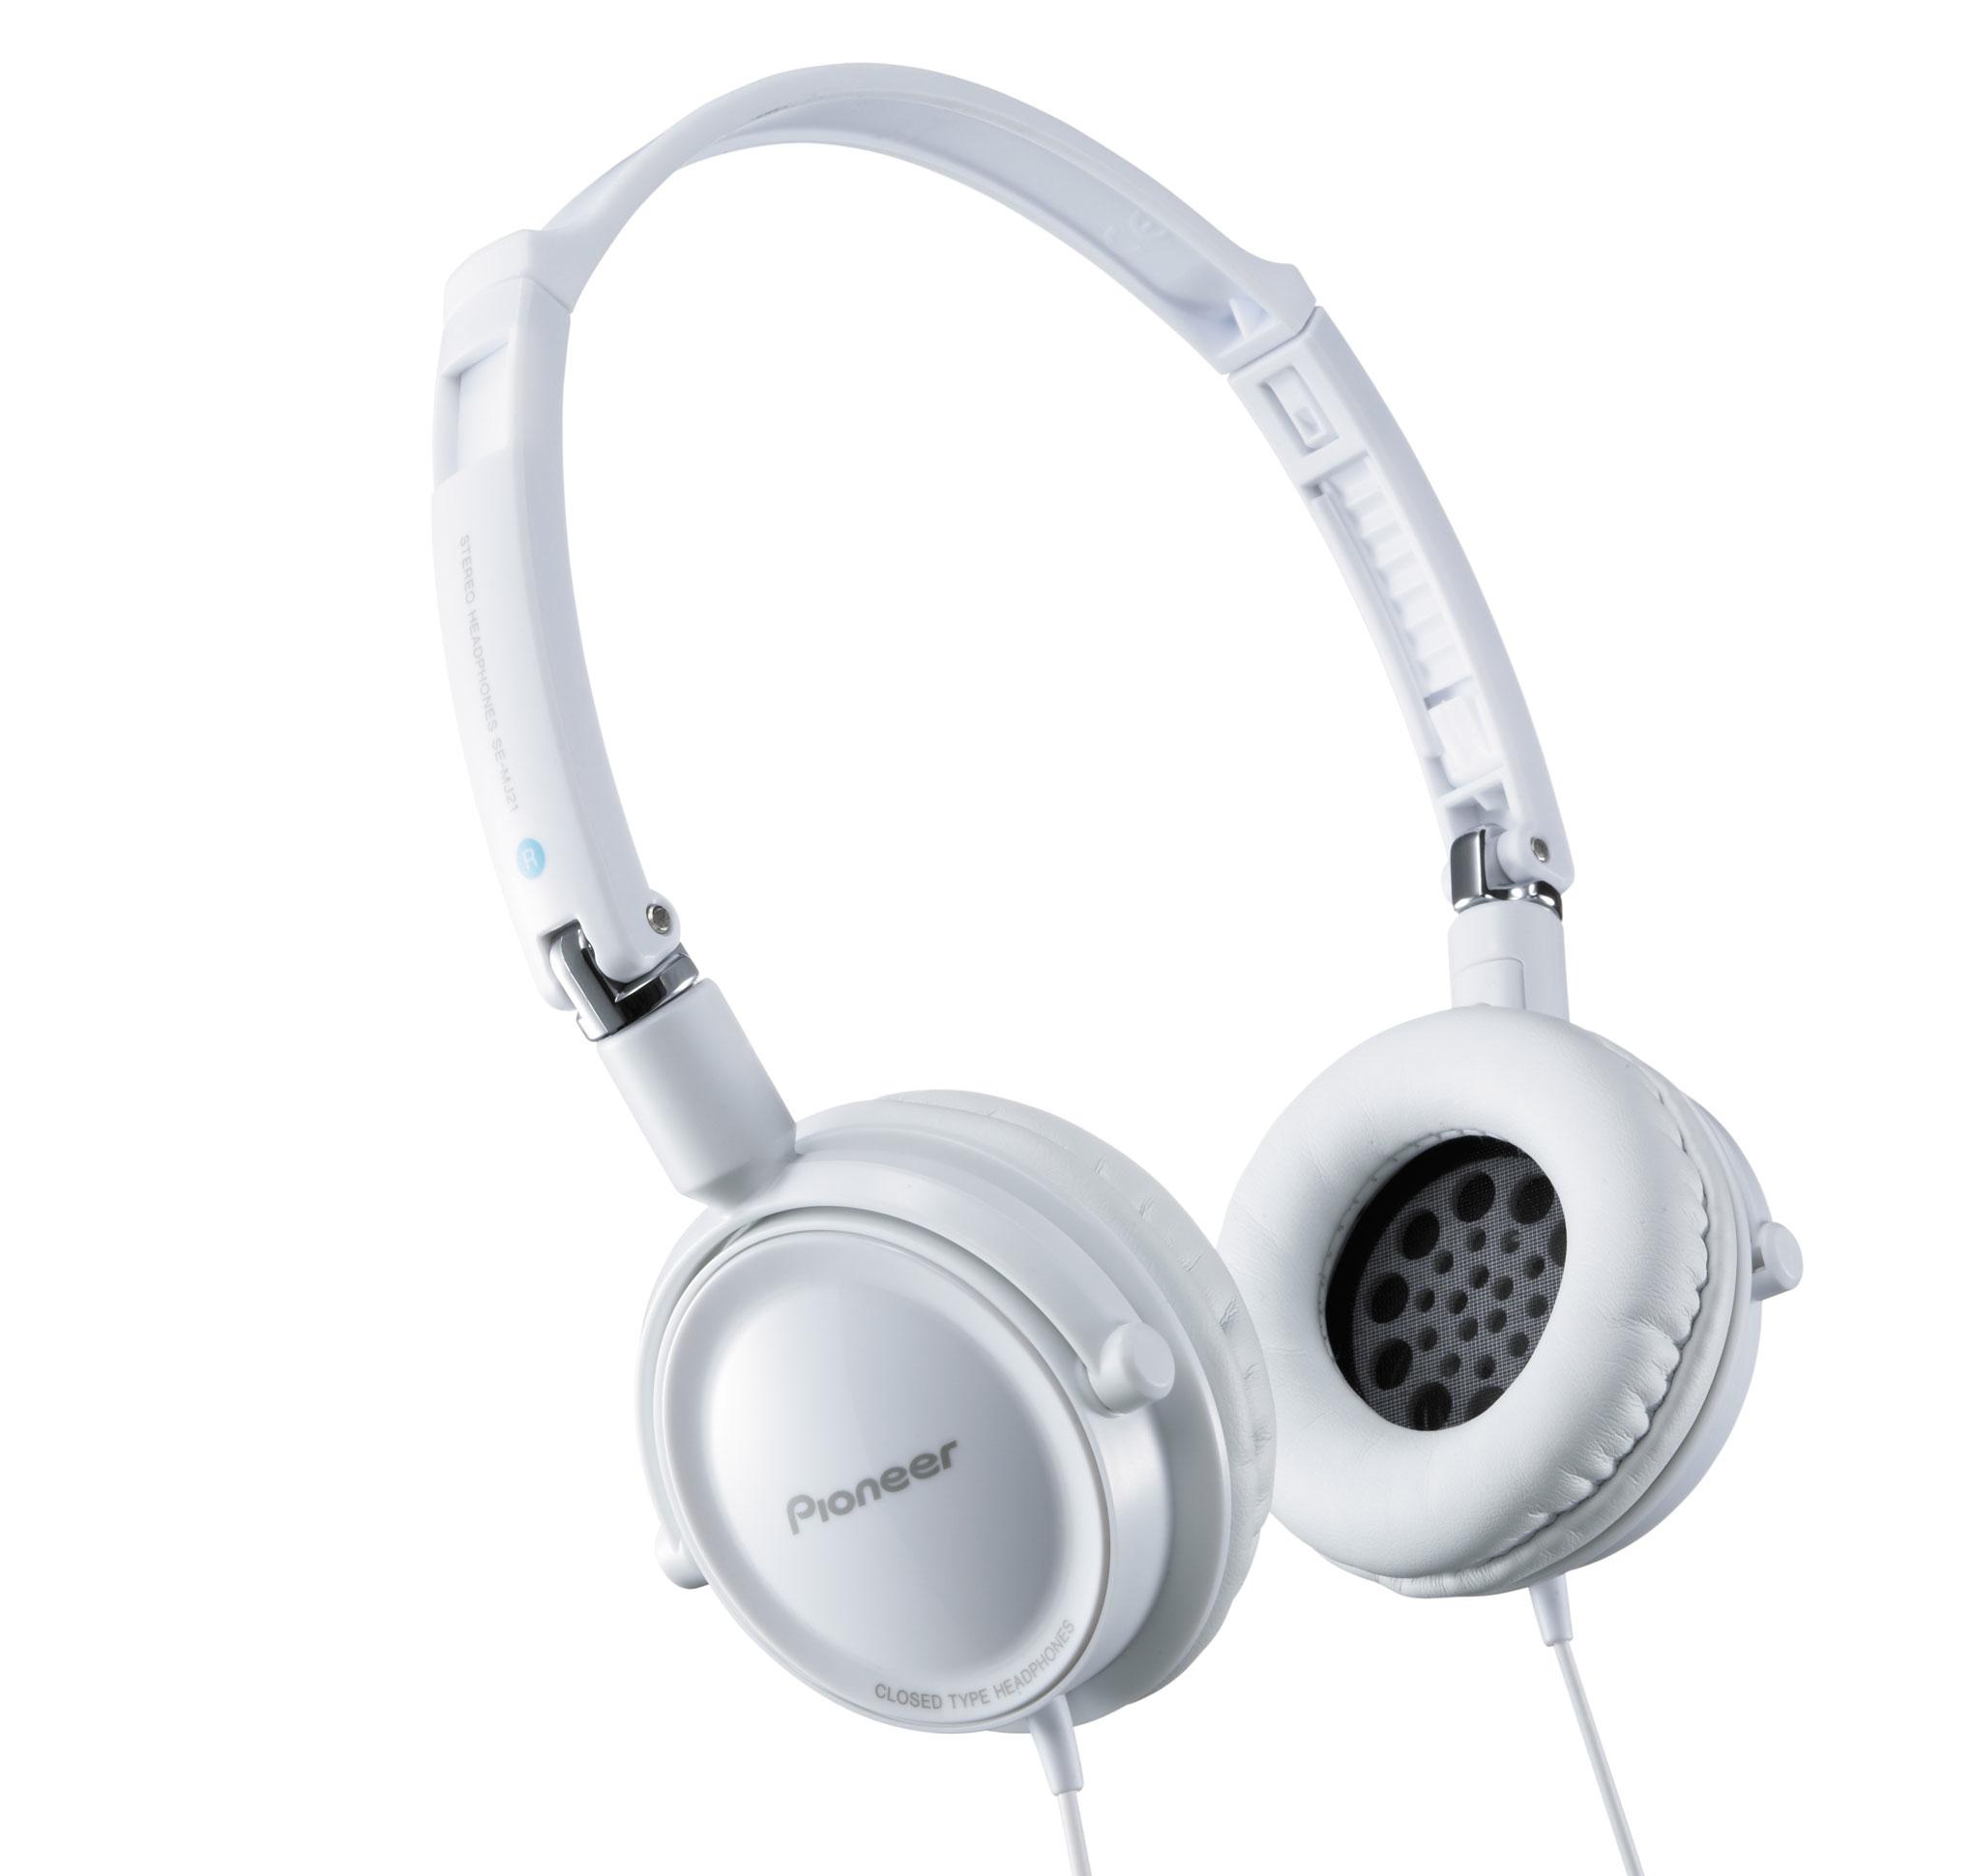 Pioneer SE-MJ21 fejhallgató. Fehér vagy fekete színű f762dfe8a4